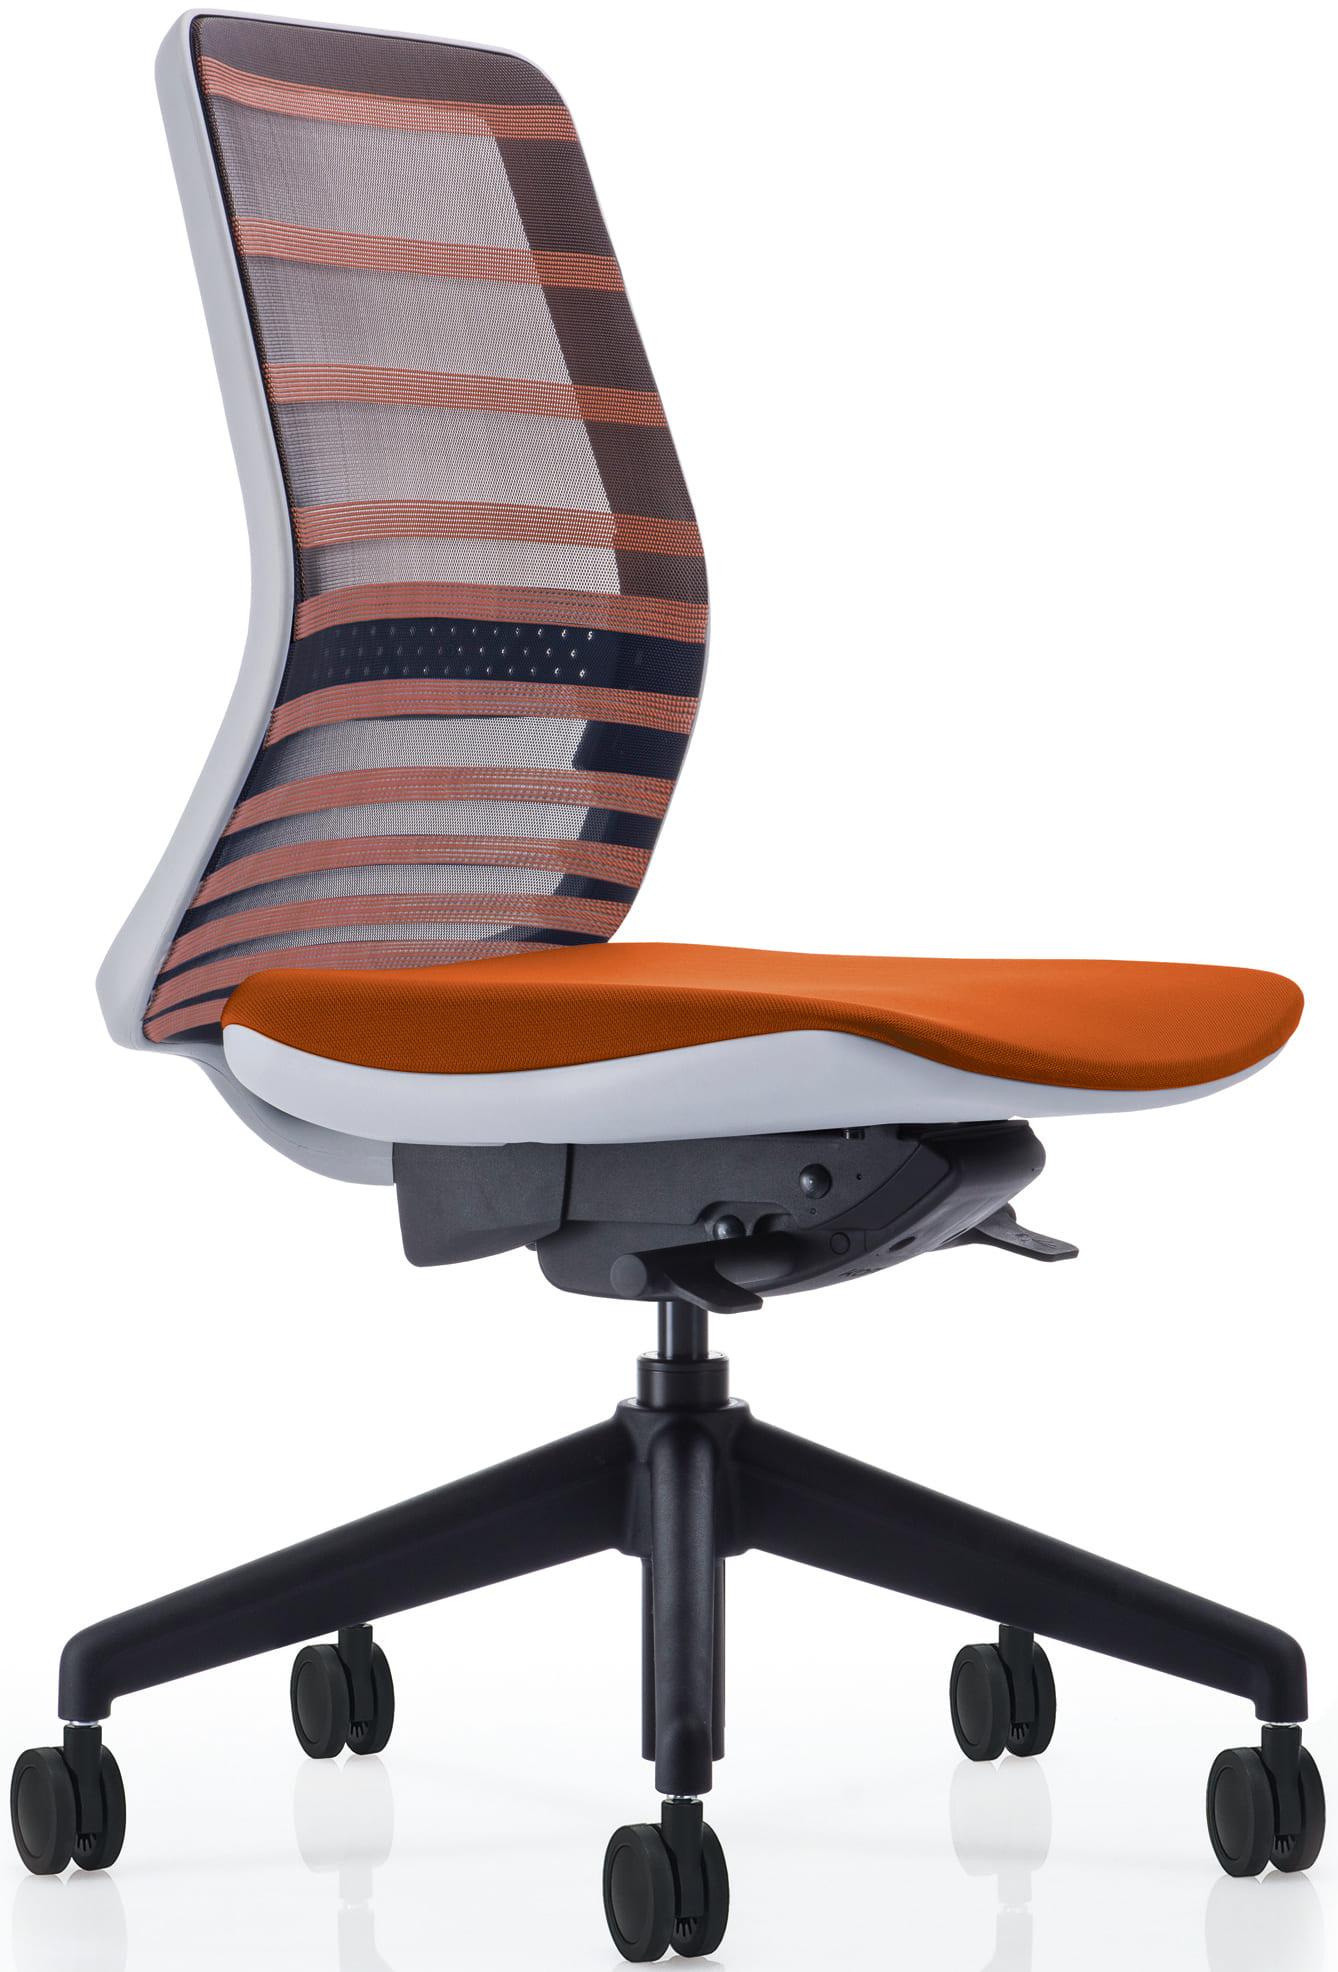 【ネット限定】デスクチェア トニック ホワイト樹脂 肘無 オレンジ:現代的なシェルの曲線デザインとメッシュを融合